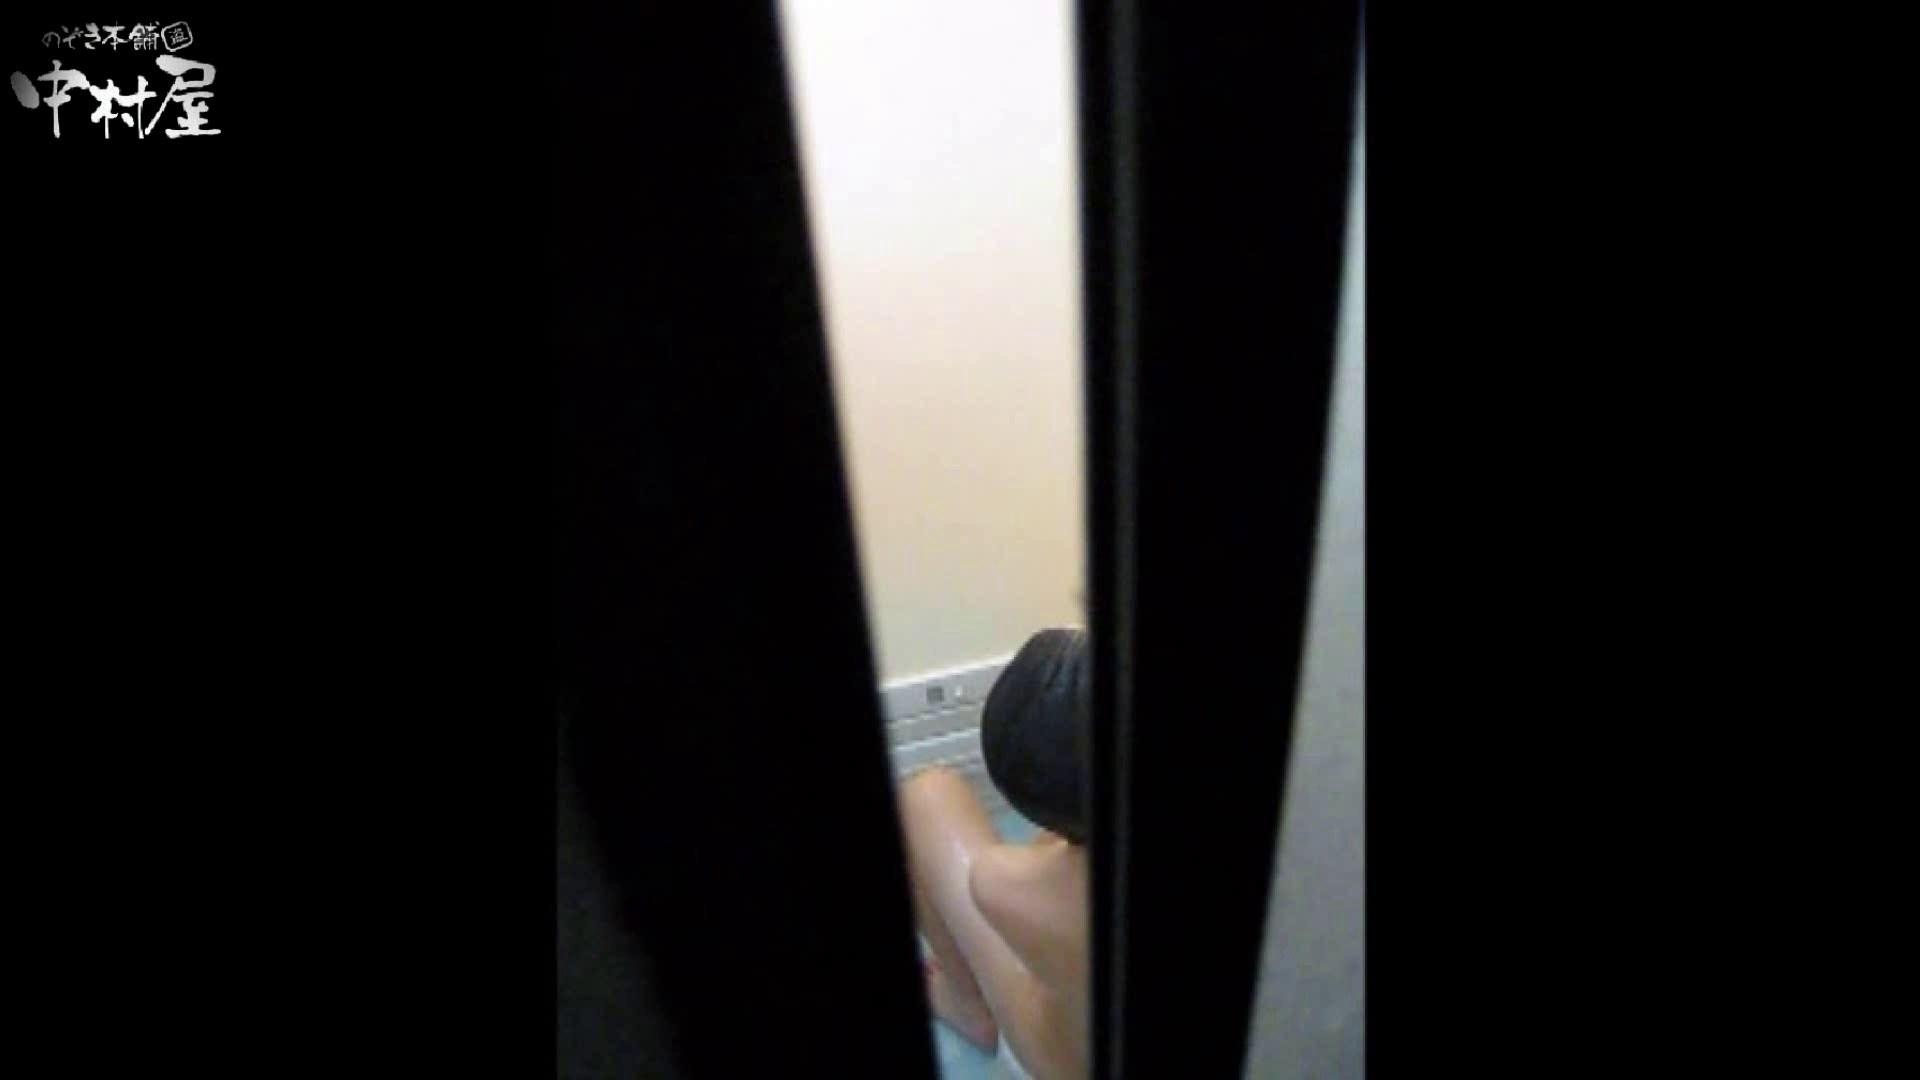 民家風呂専門盗撮師の超危険映像 vol.006 美女ヌード おまんこ無修正動画無料 48画像 21